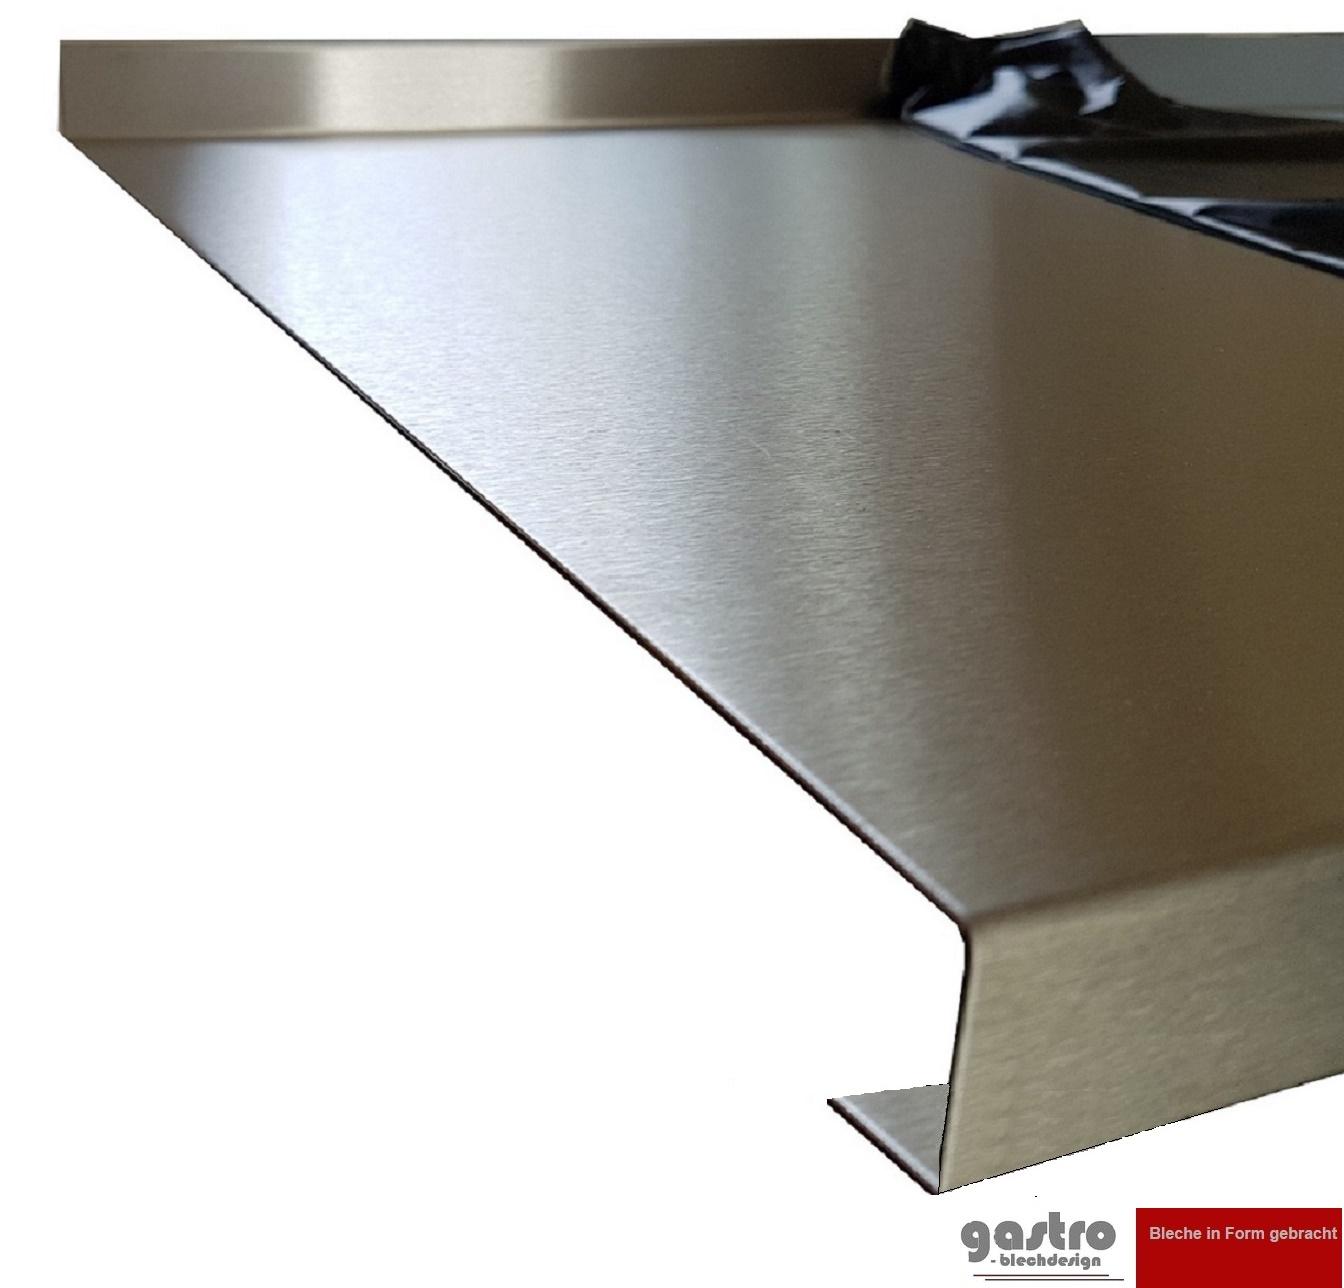 Gastro Blechdesign Edelstahl Tischabdeckung 1 5 Mm Abdeckplatte